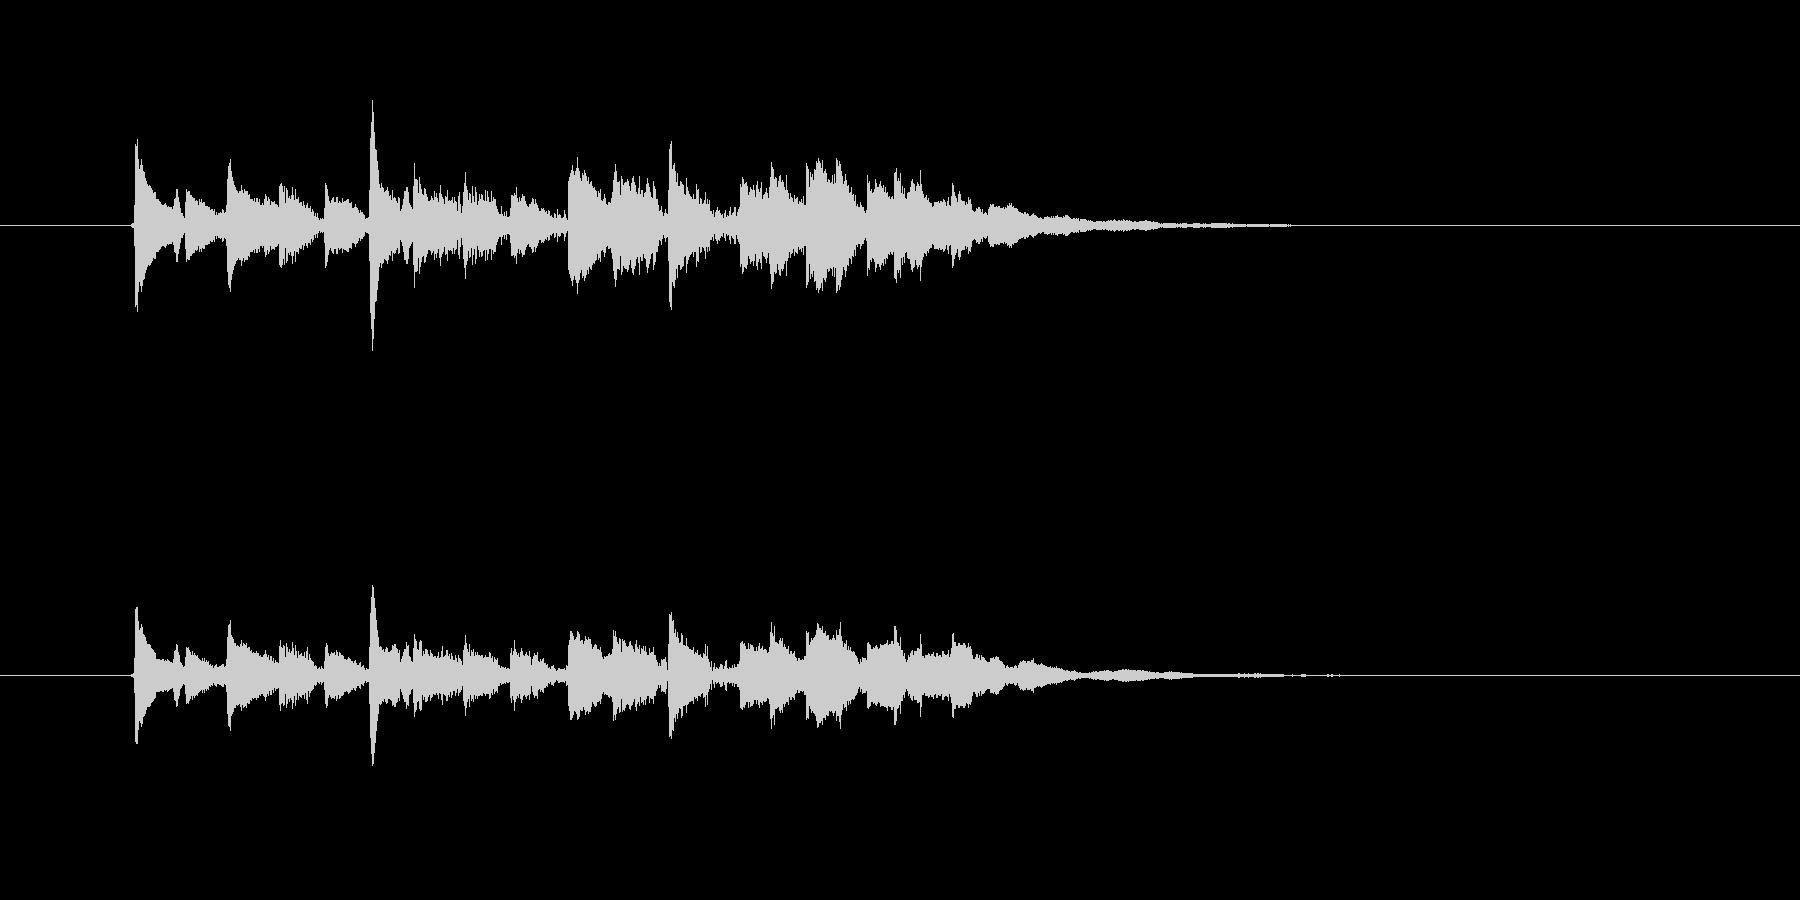 ギター(ラテン風効果音)の未再生の波形